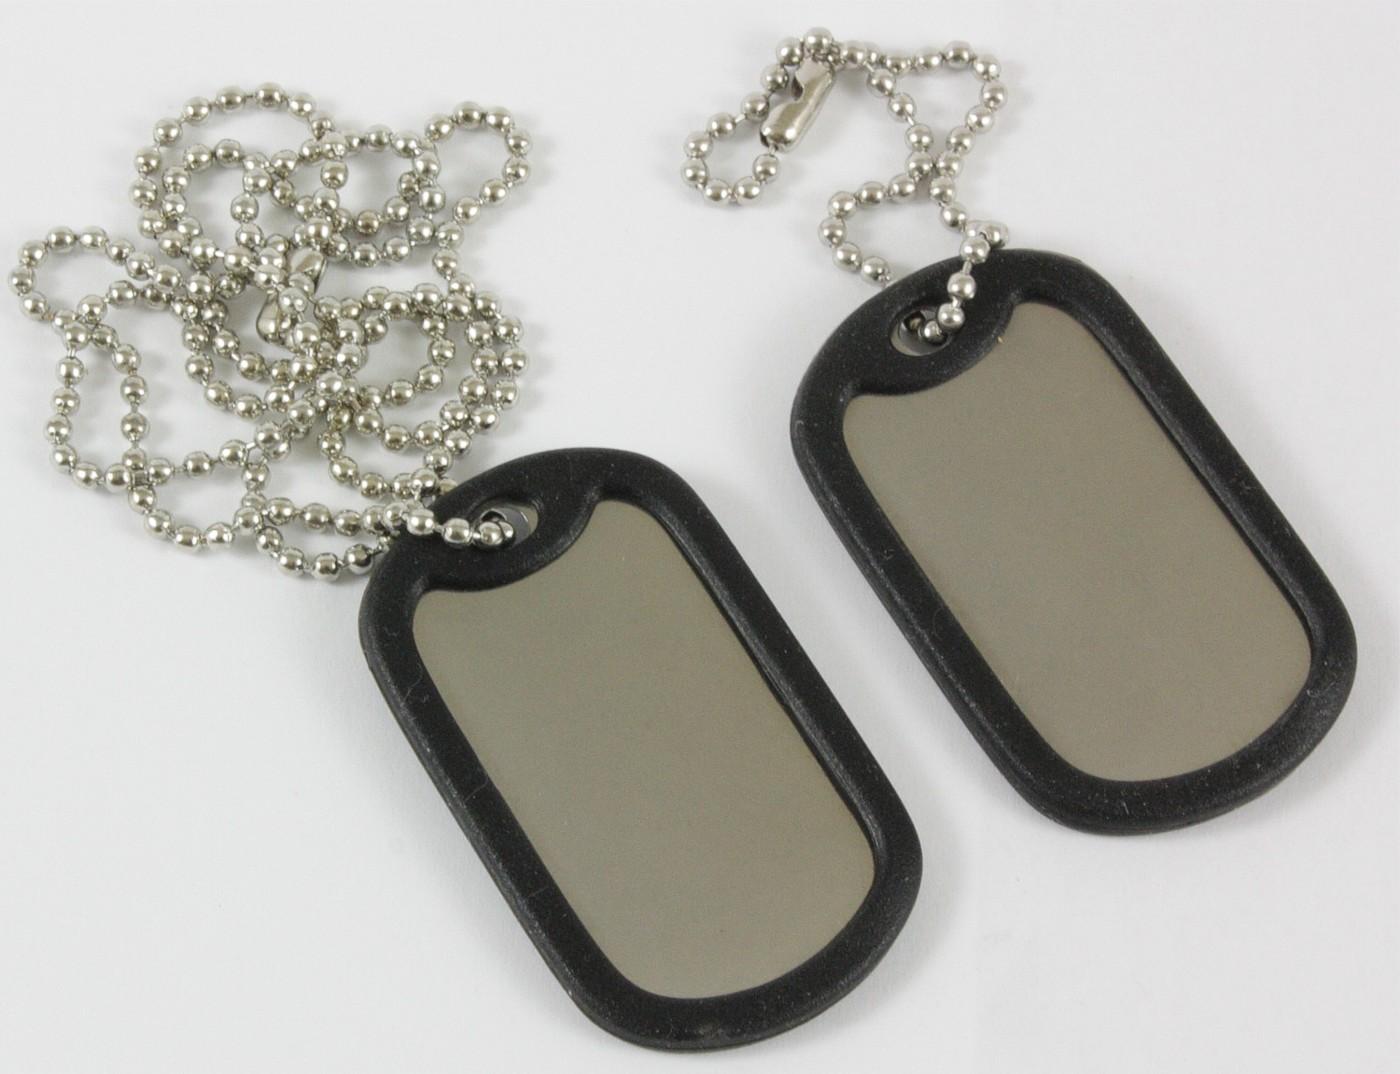 Dog Tag US Style Erkennungsmarken 2 Stück mit Schalldämpfer inkl. Ketten Silber